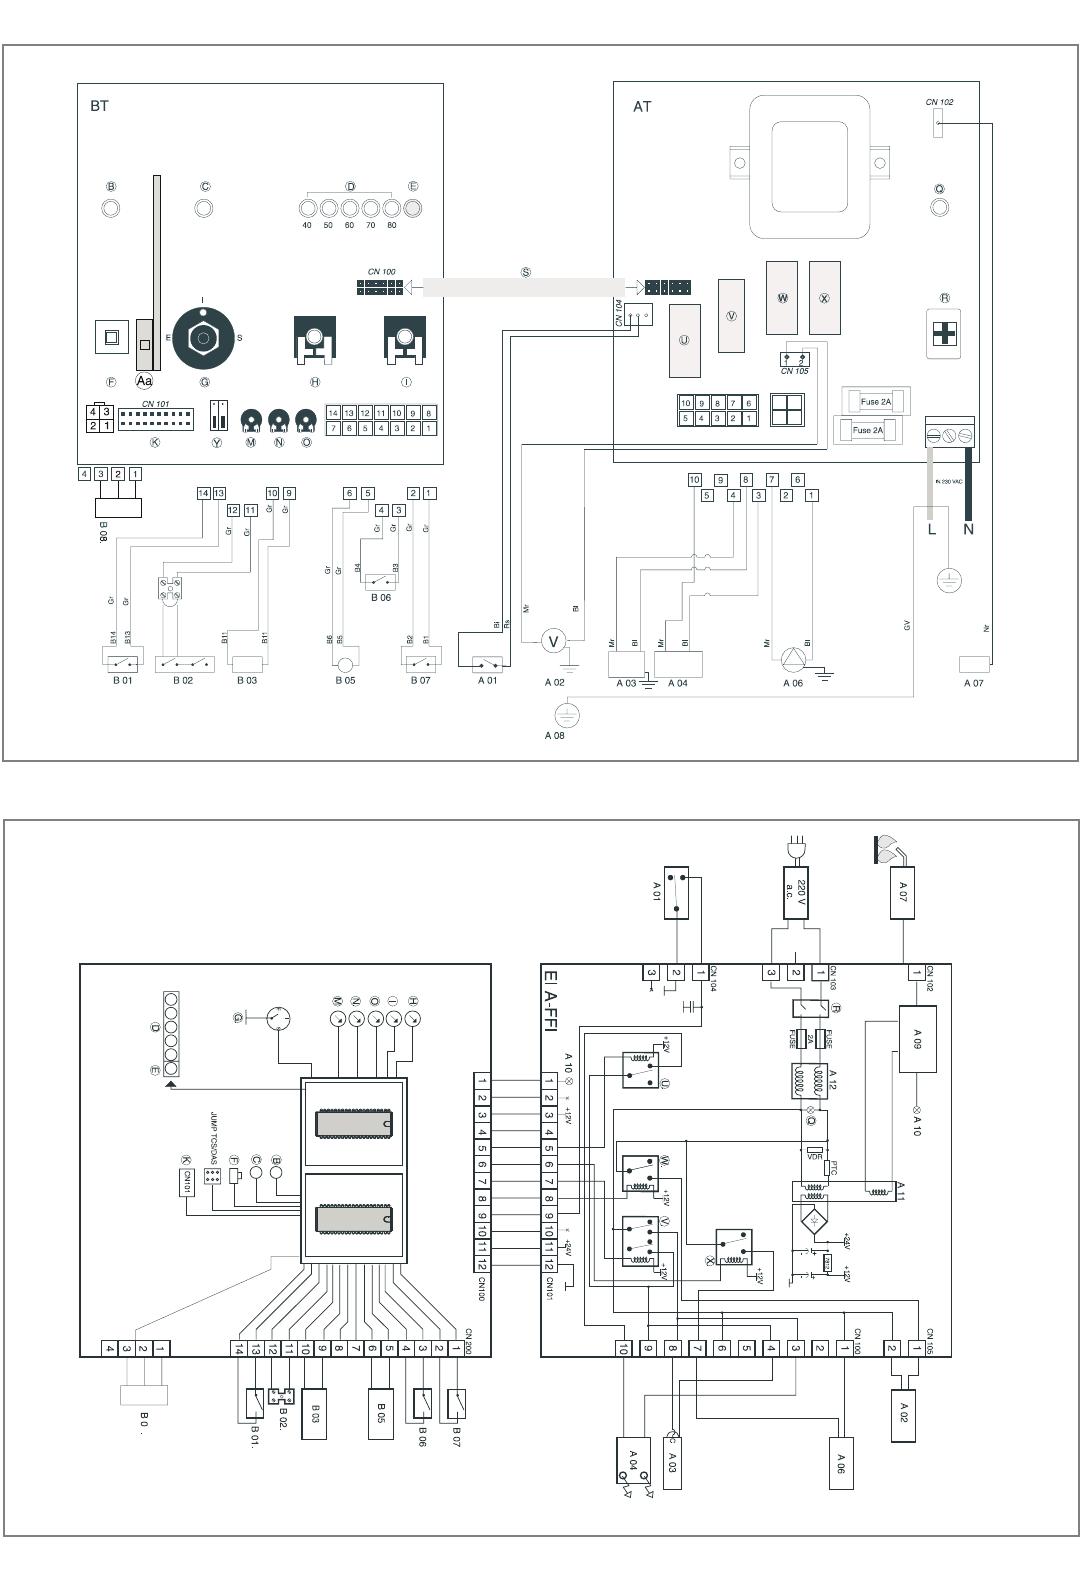 Combi boiler ariston e combi boiler manual ariston e combi boiler manual asfbconference2016 Images